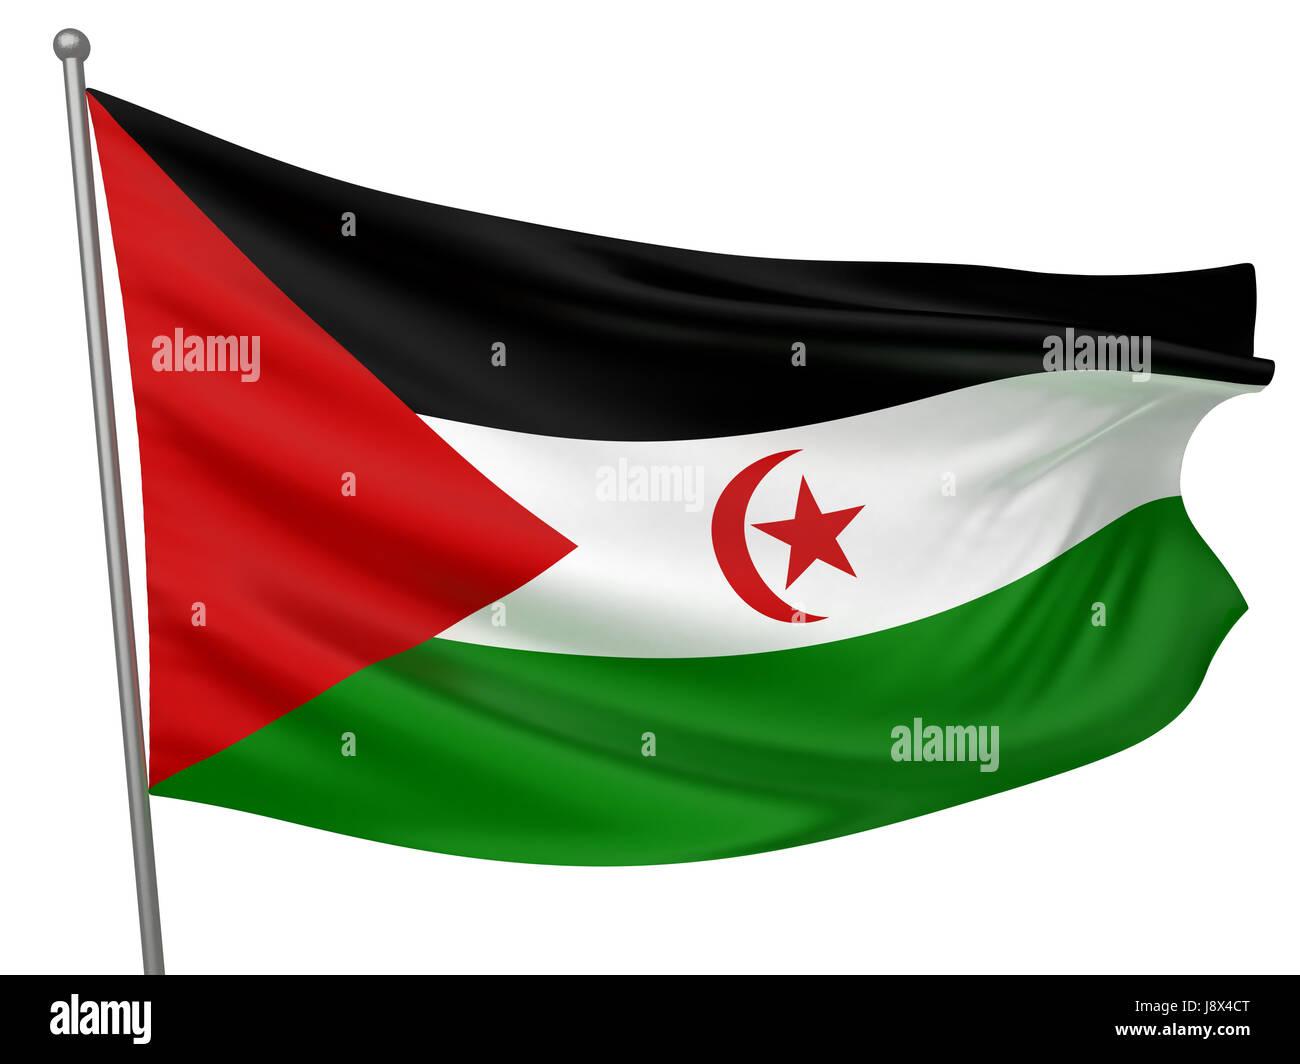 isolated, symbolic, colour, emblem, illustration, flag, arab, banner, national, - Stock Image